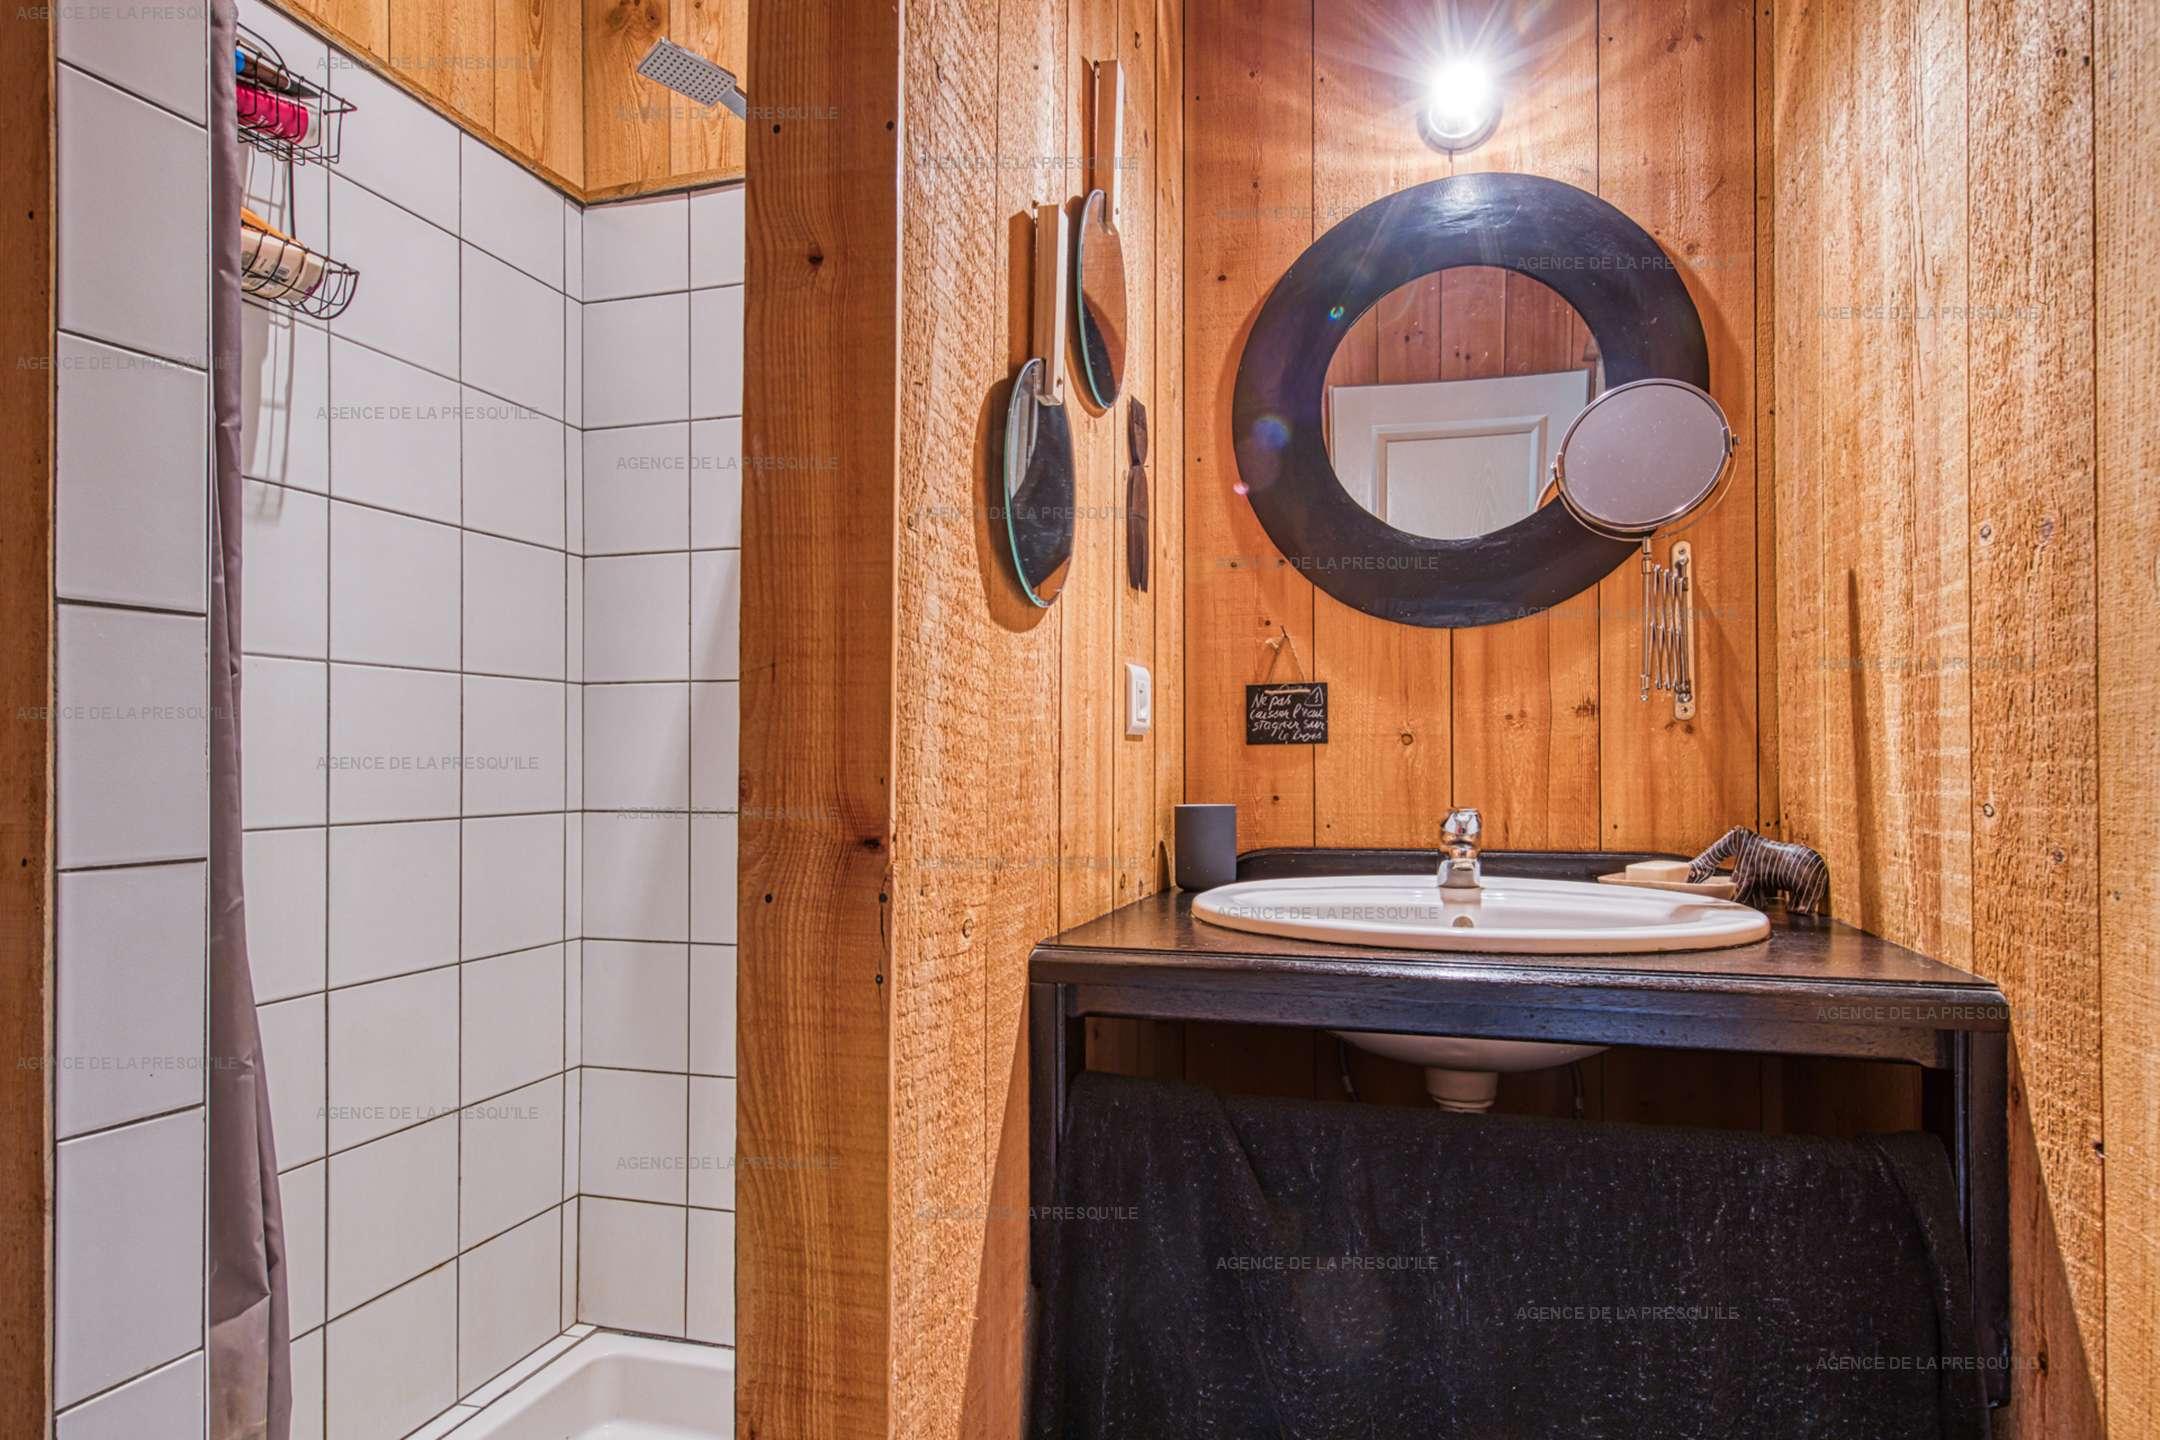 Location: Belle villa en bois au pied du phare 9